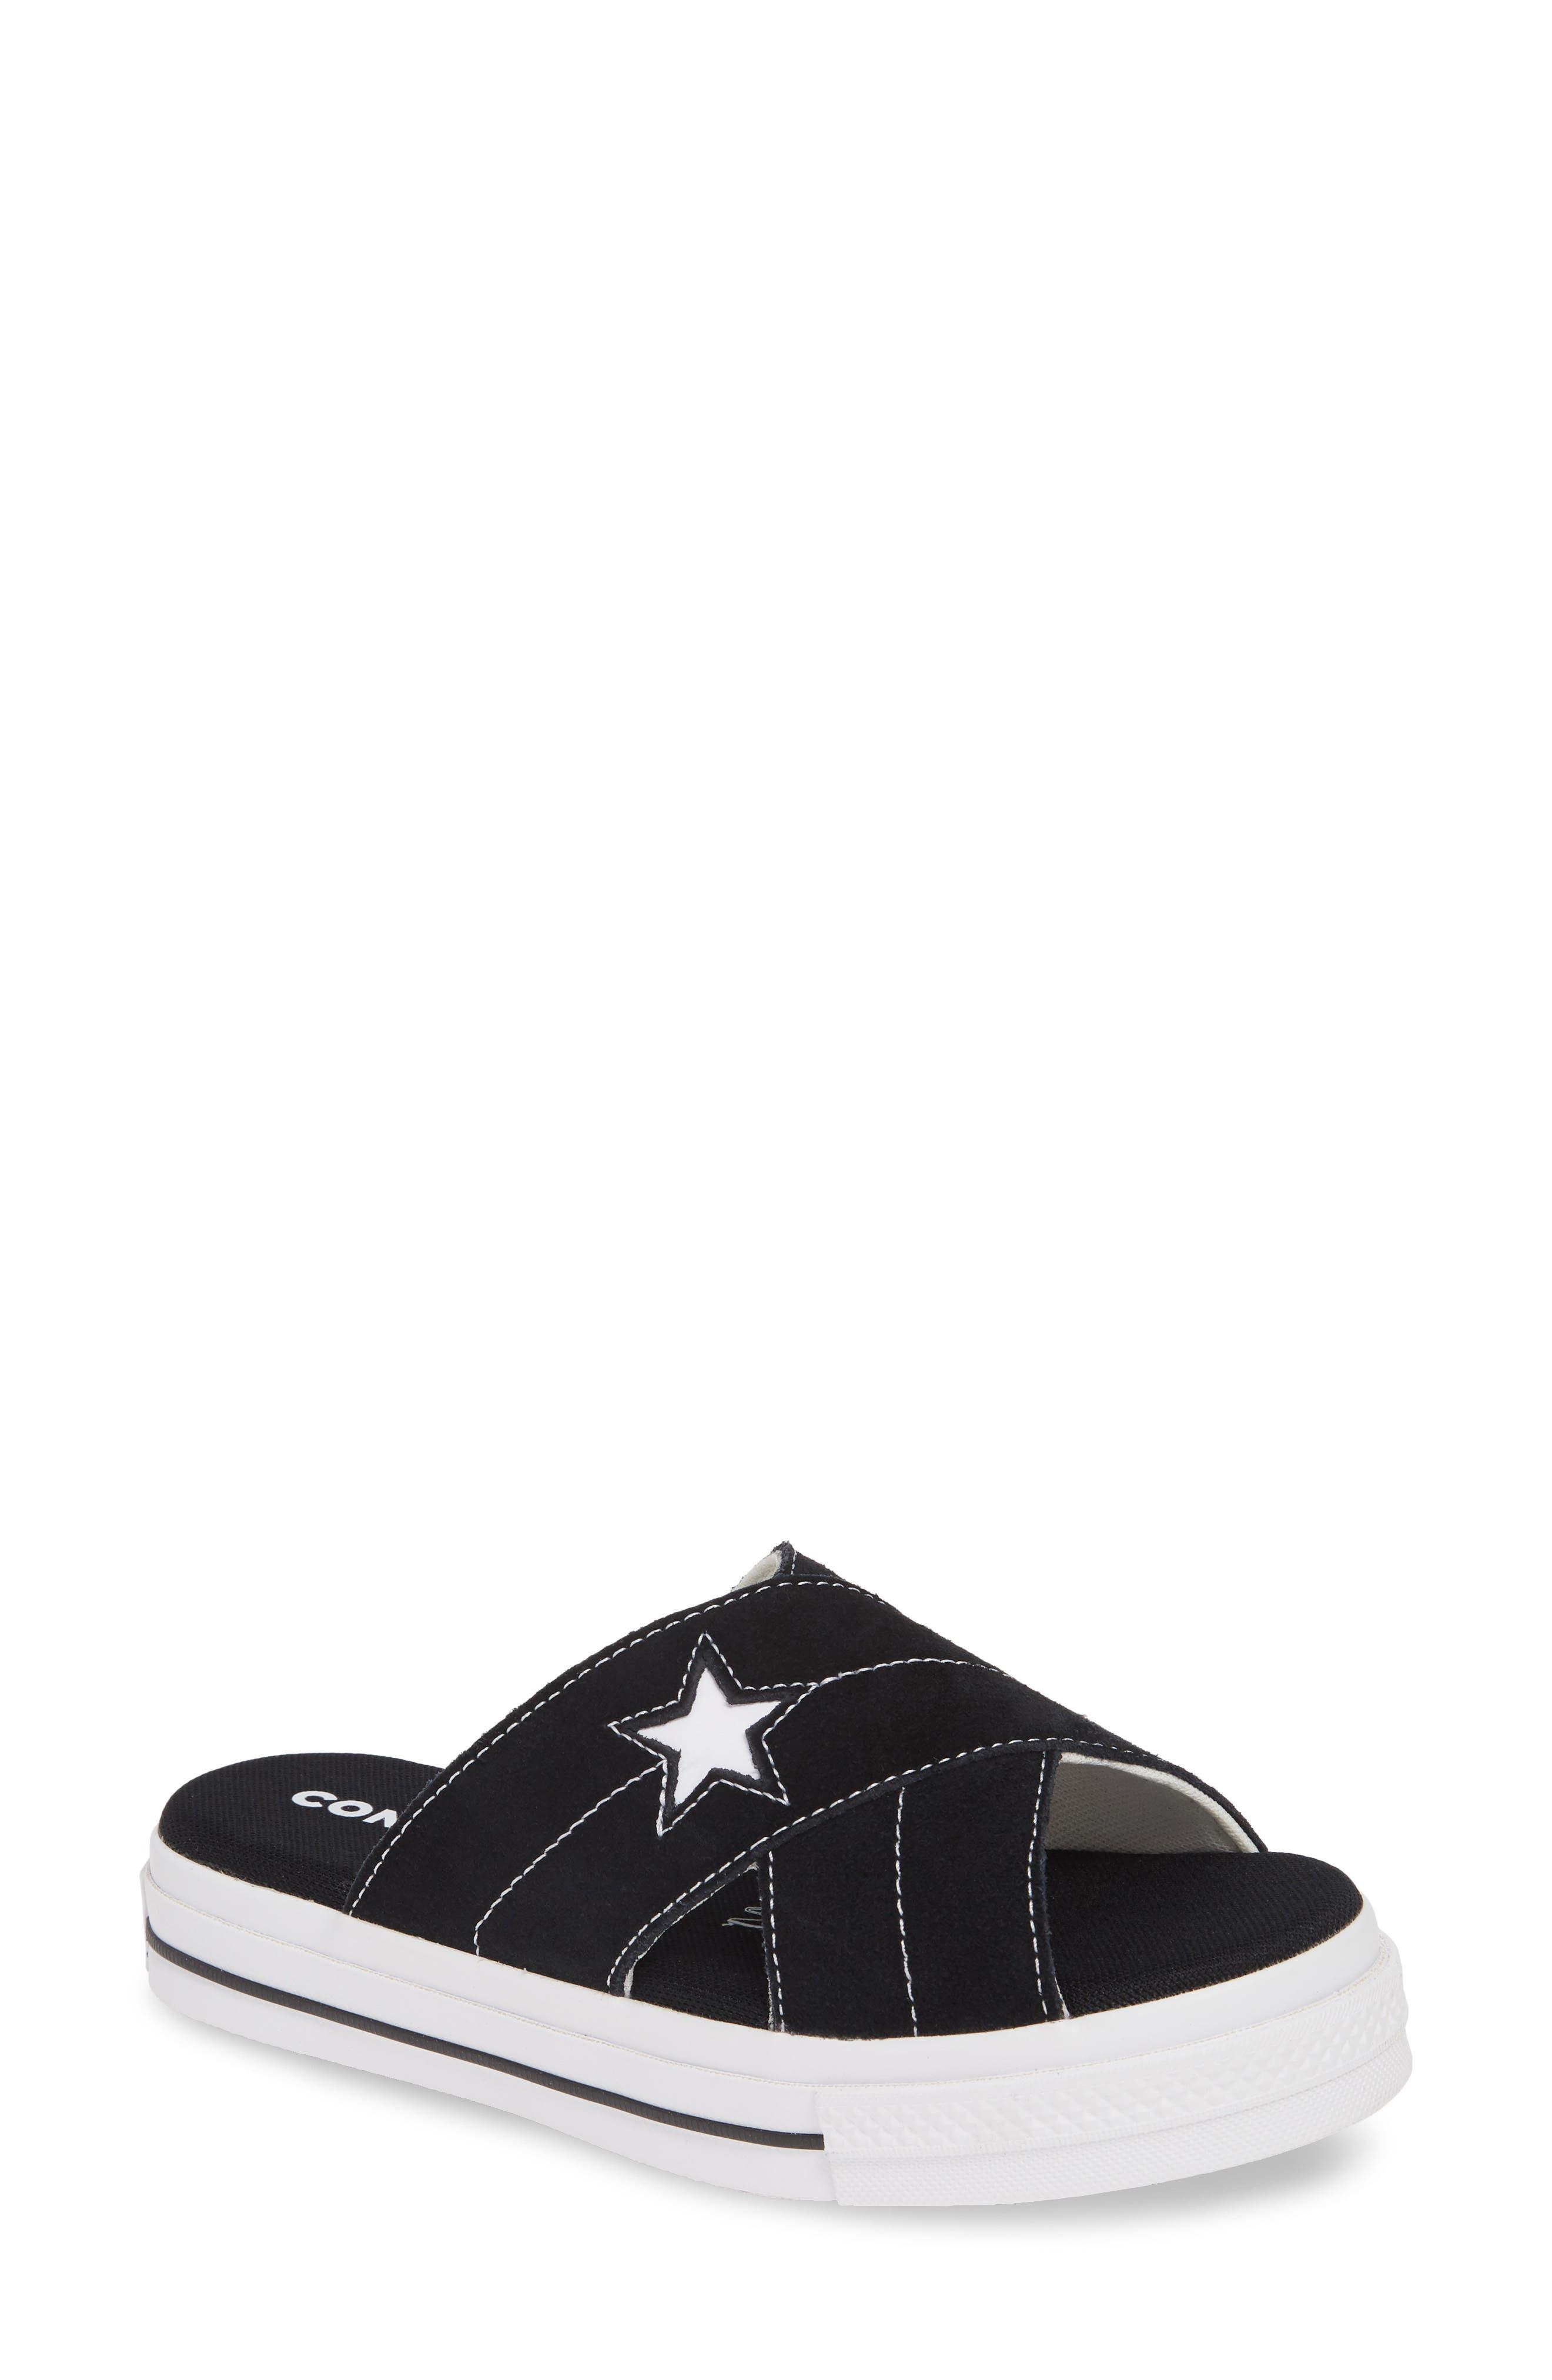 ,                             One Star Platform Slide Sandal,                             Main thumbnail 1, color,                             BLACK/ EGRET/ WHITE